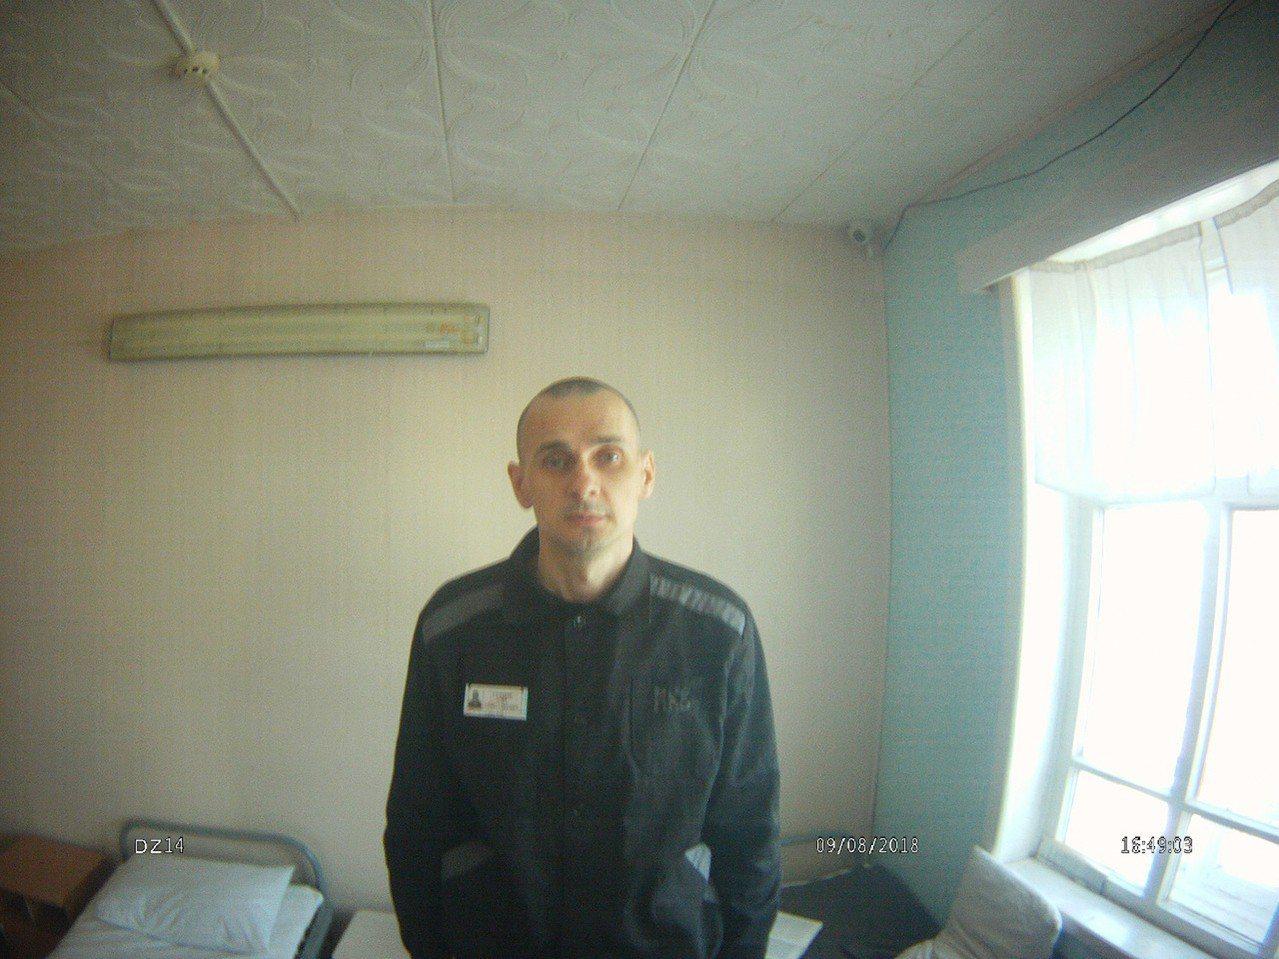 烏克蘭導演珊索夫已在西伯利亞監獄已絕食抗議近3個月。 歐新社